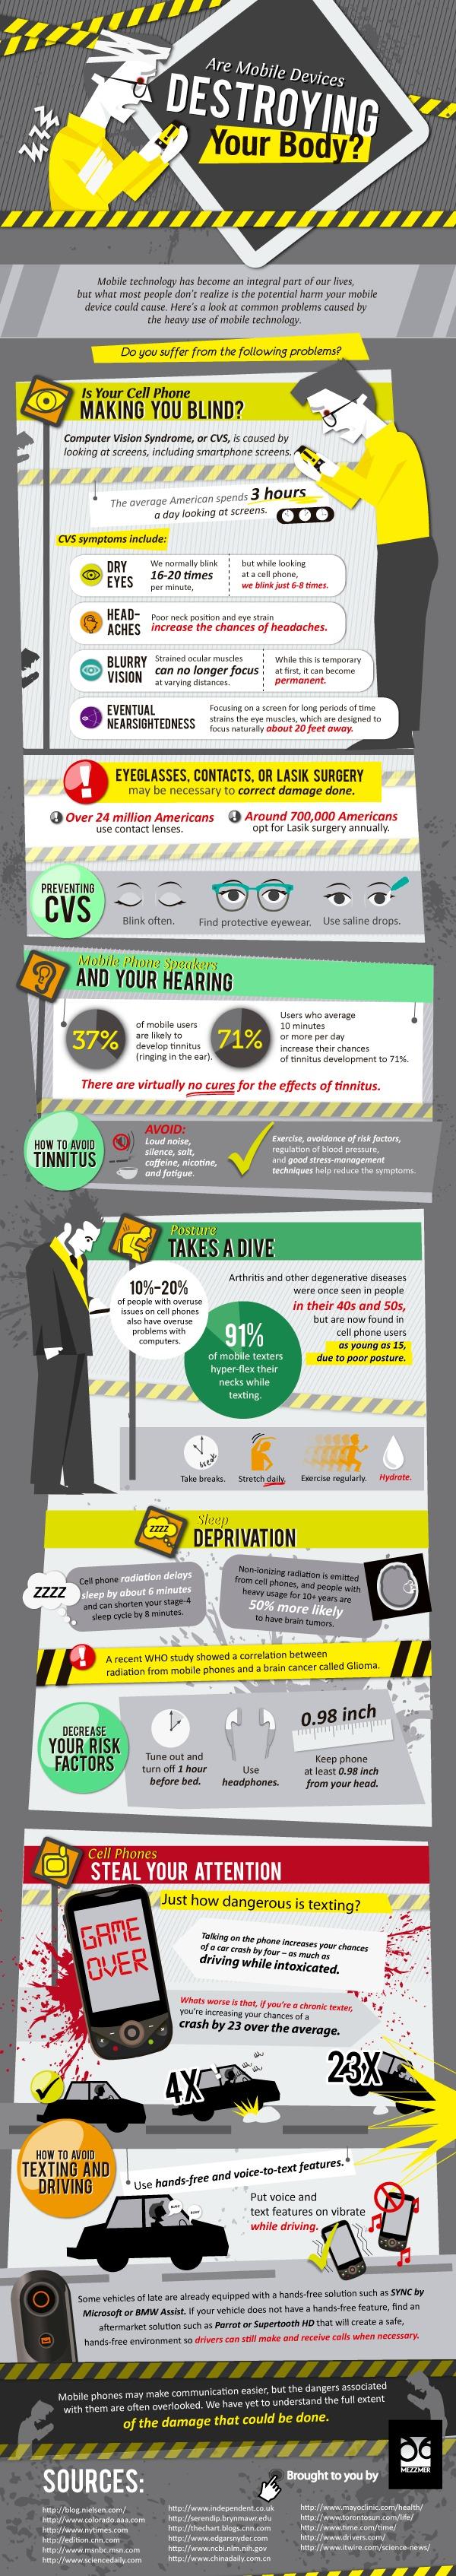 Hazards Of Mobile Phones